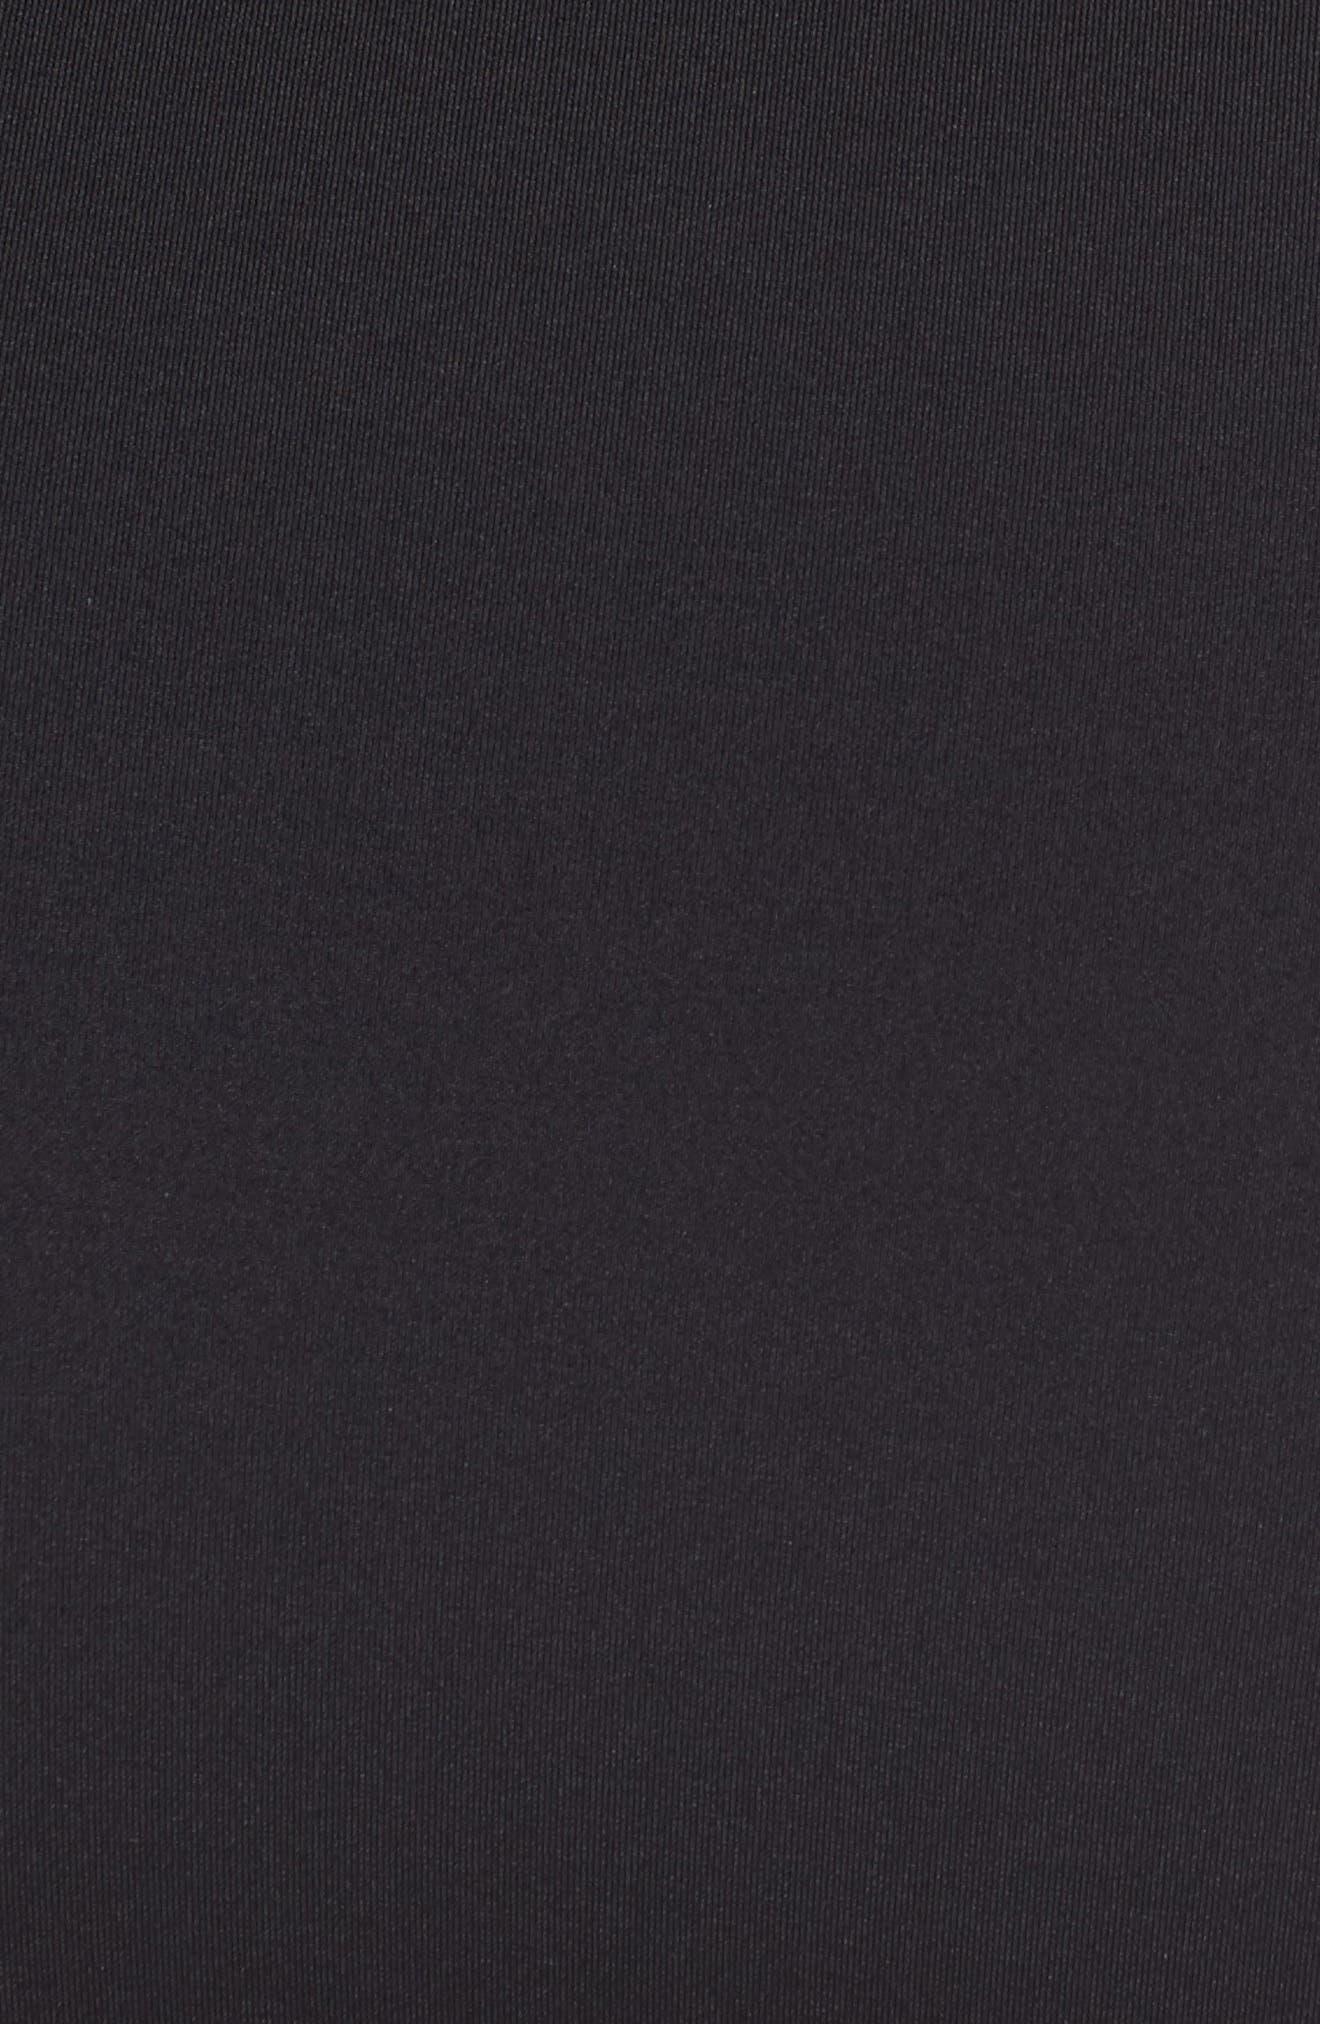 TOMMY BAHAMA, Mesh Bikini Bottoms, Alternate thumbnail 5, color, BLACK